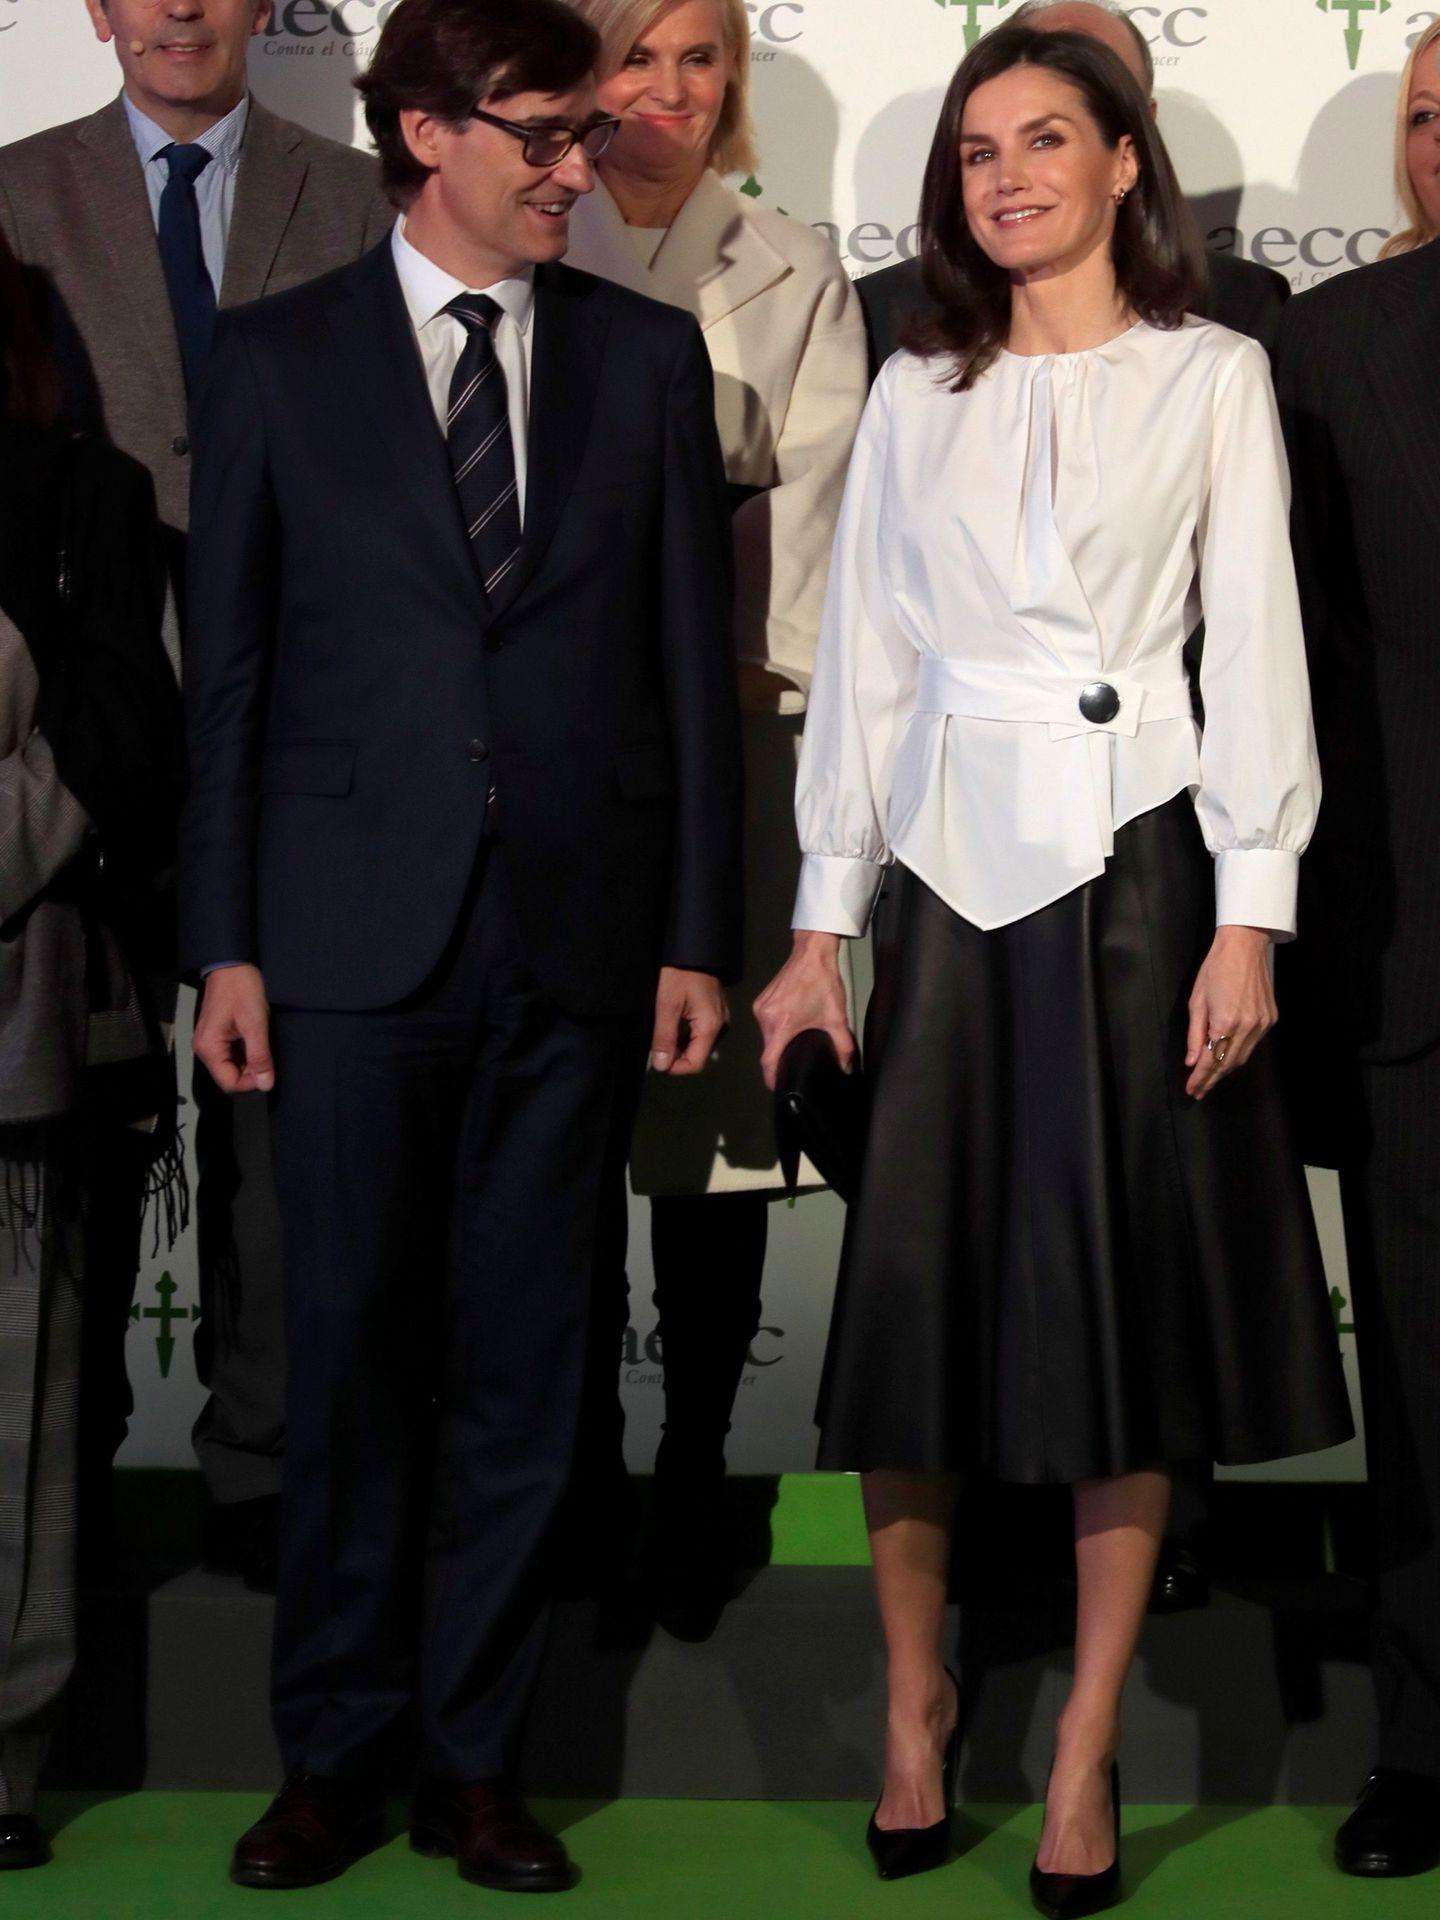 La reina Letizia en un acto de la Asociación Española contra el Cáncer con camisa blanca y falda negra. (EFE)